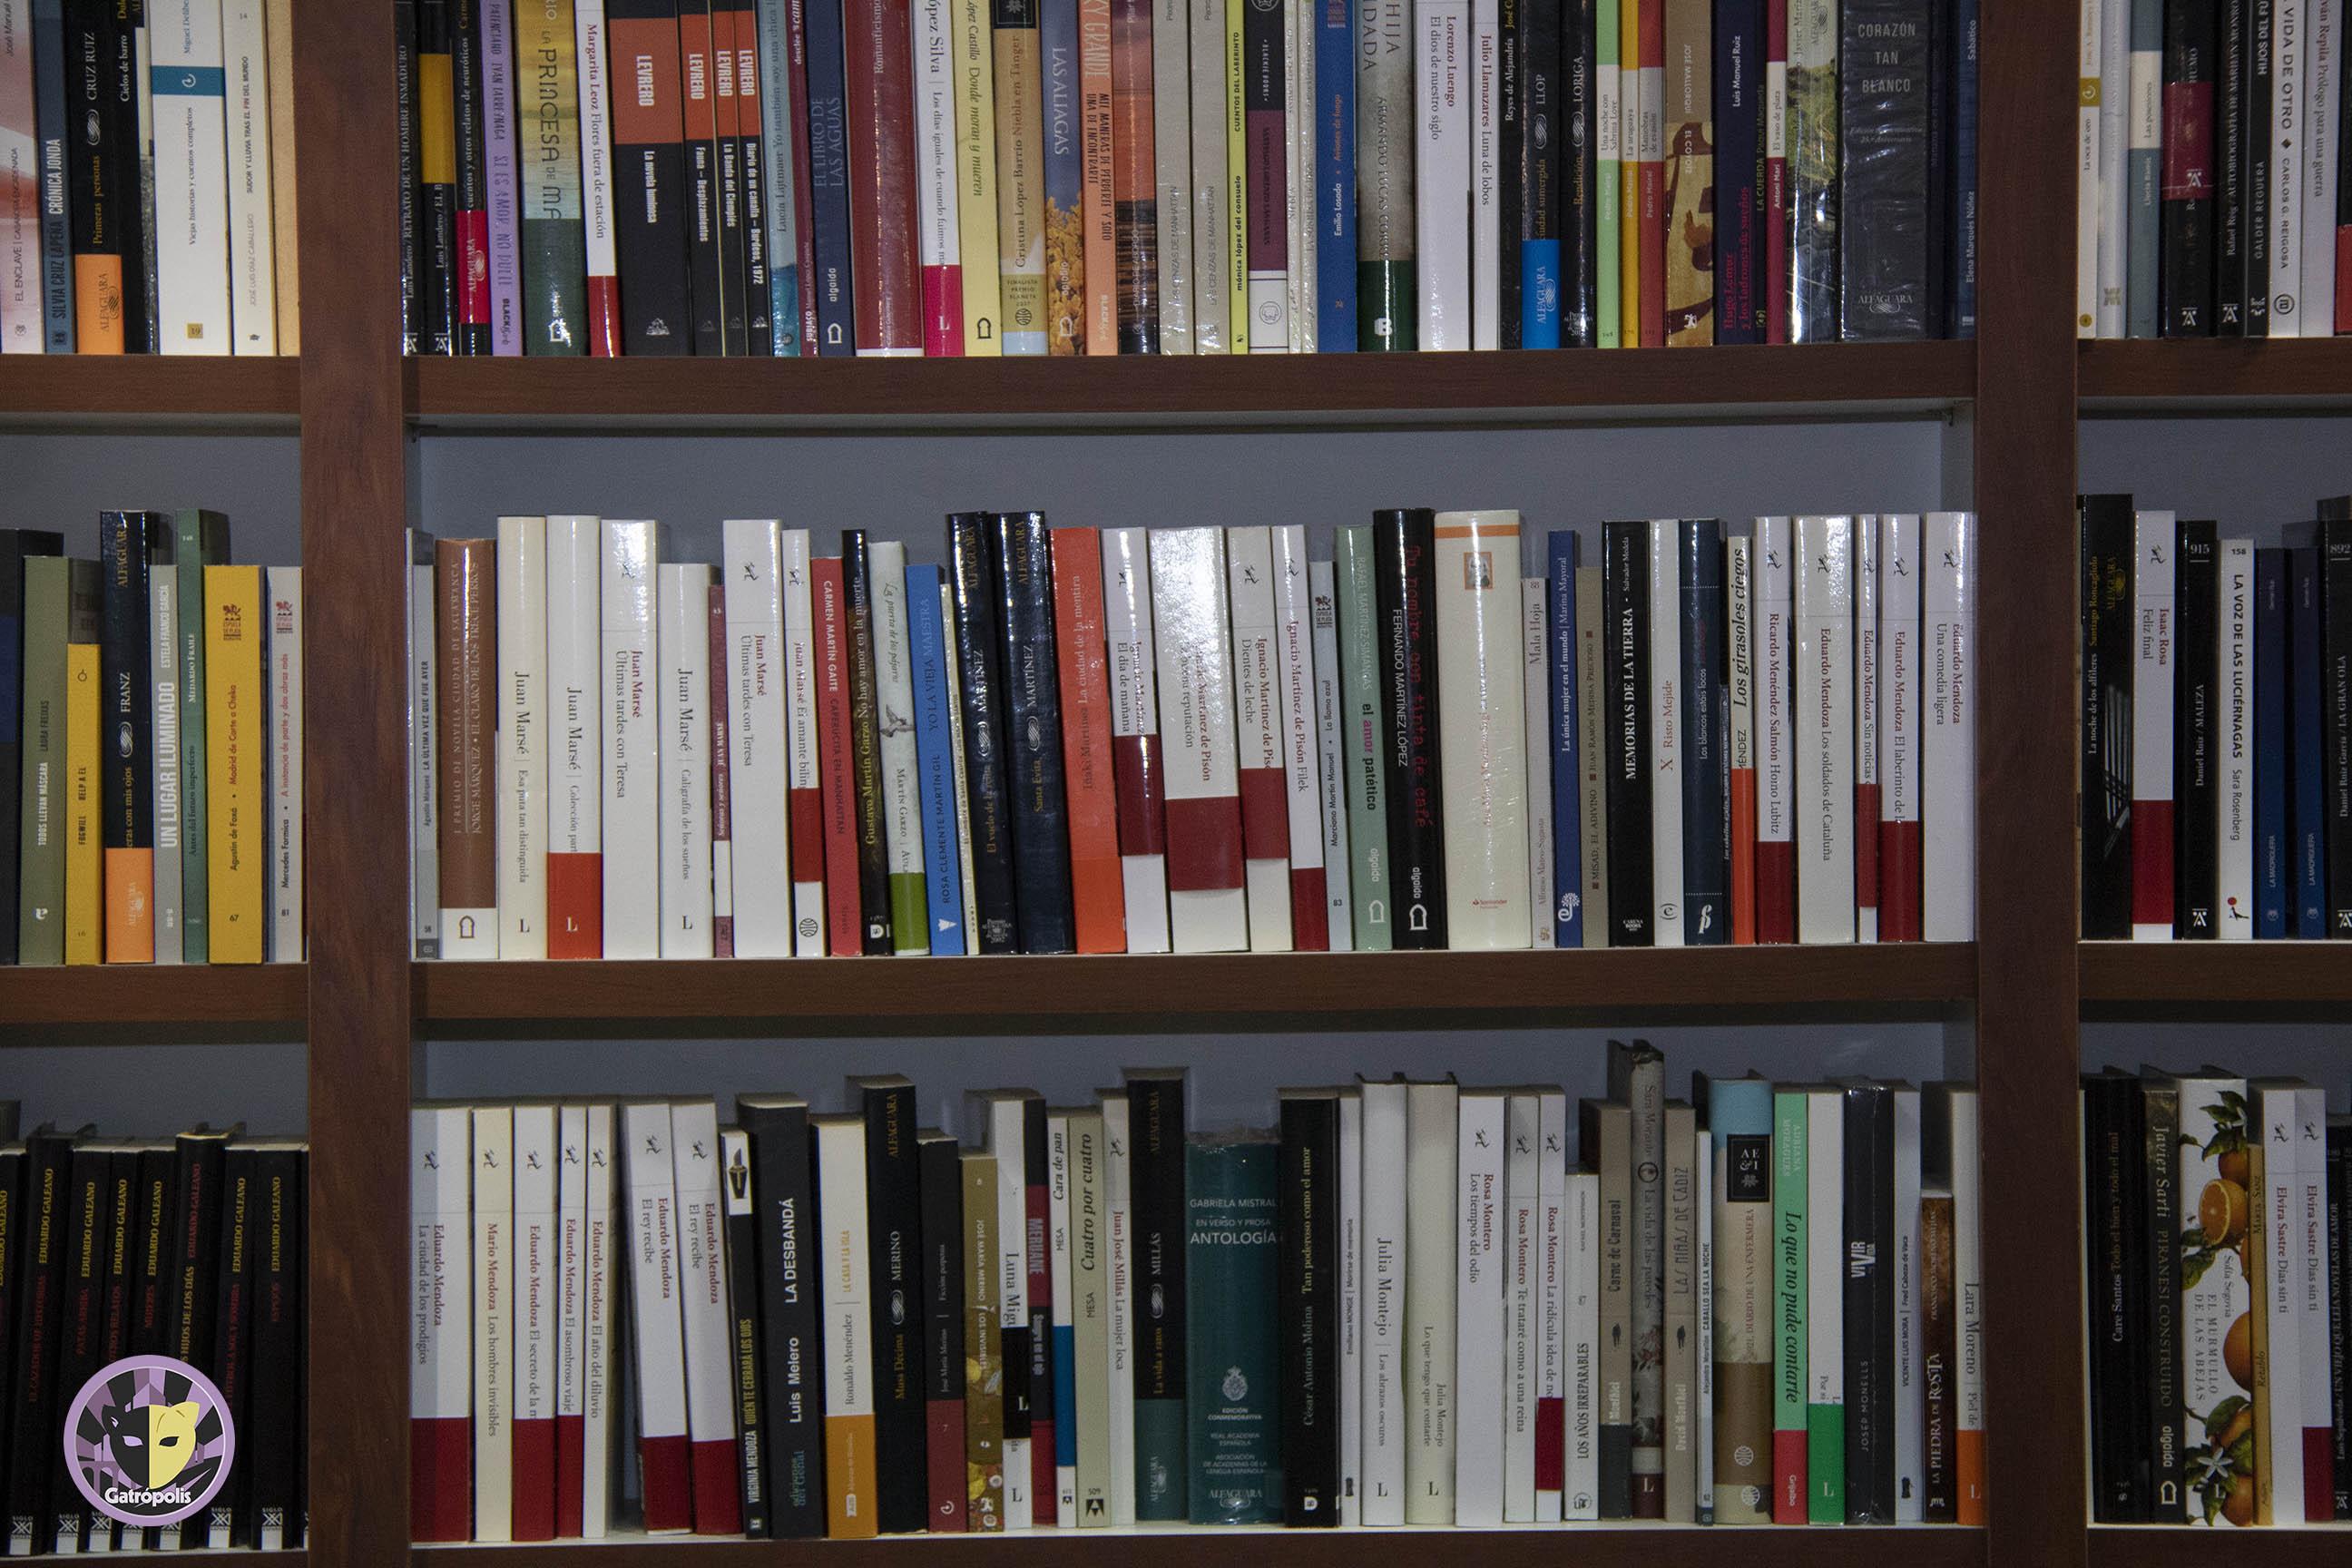 El 8 de noviembre le llega el turno al Día de las librerías